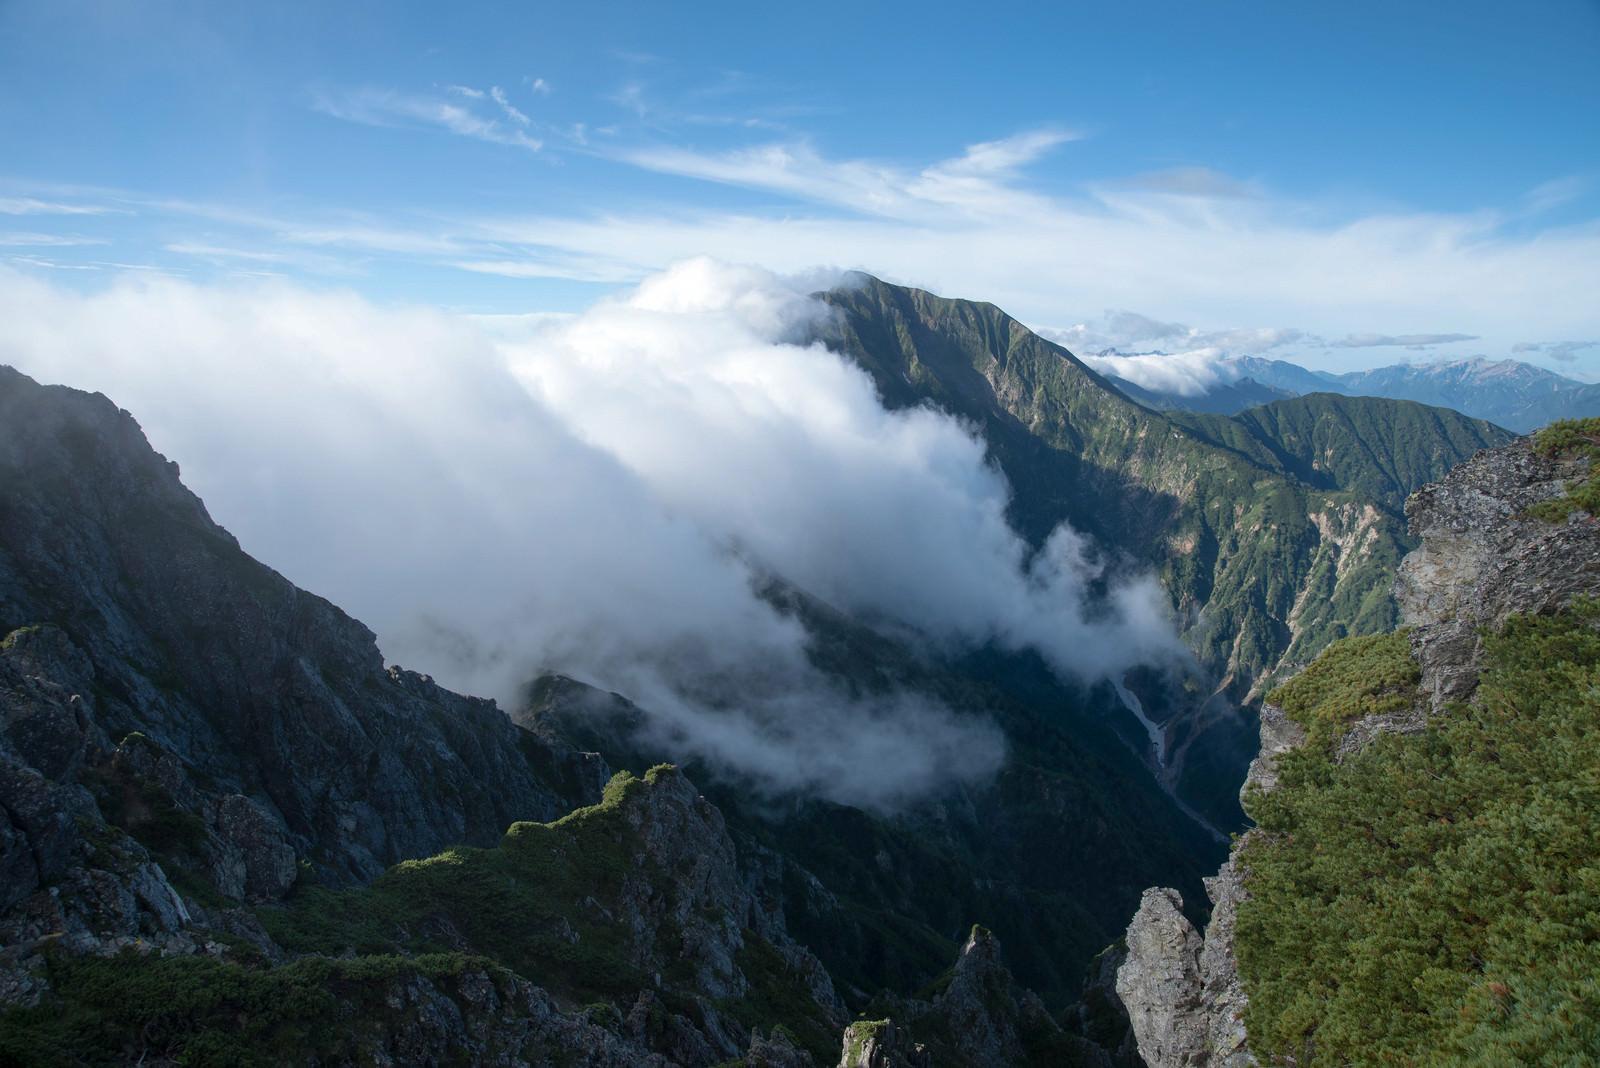 長く伸びる稜線に覆いかぶさる雲の写真(画像)を無料ダウンロード ...